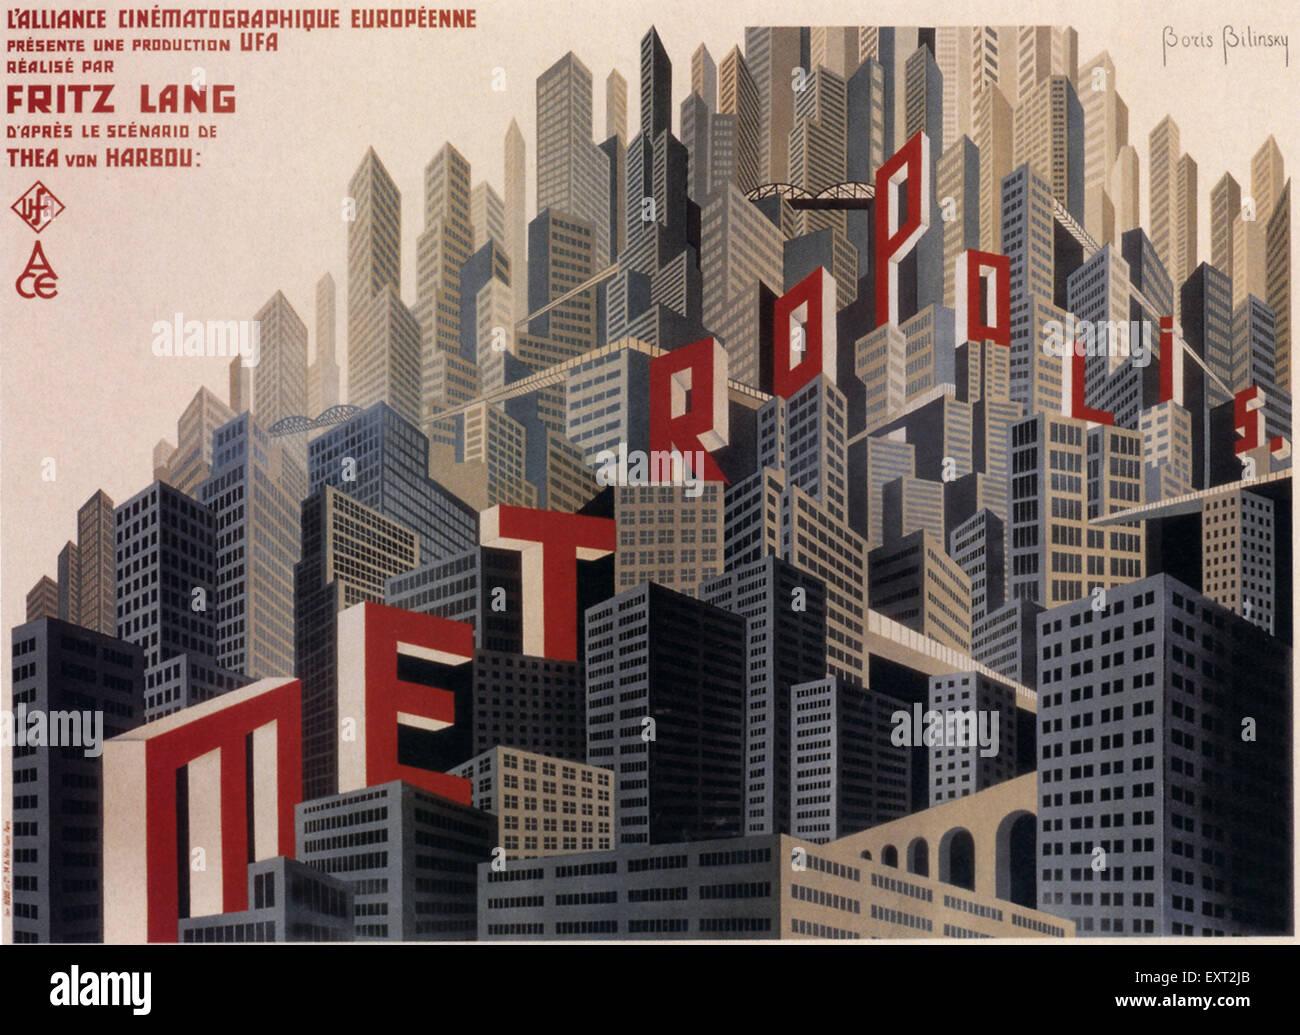 1920 Francia Metrópolis Film Poster Imagen De Stock